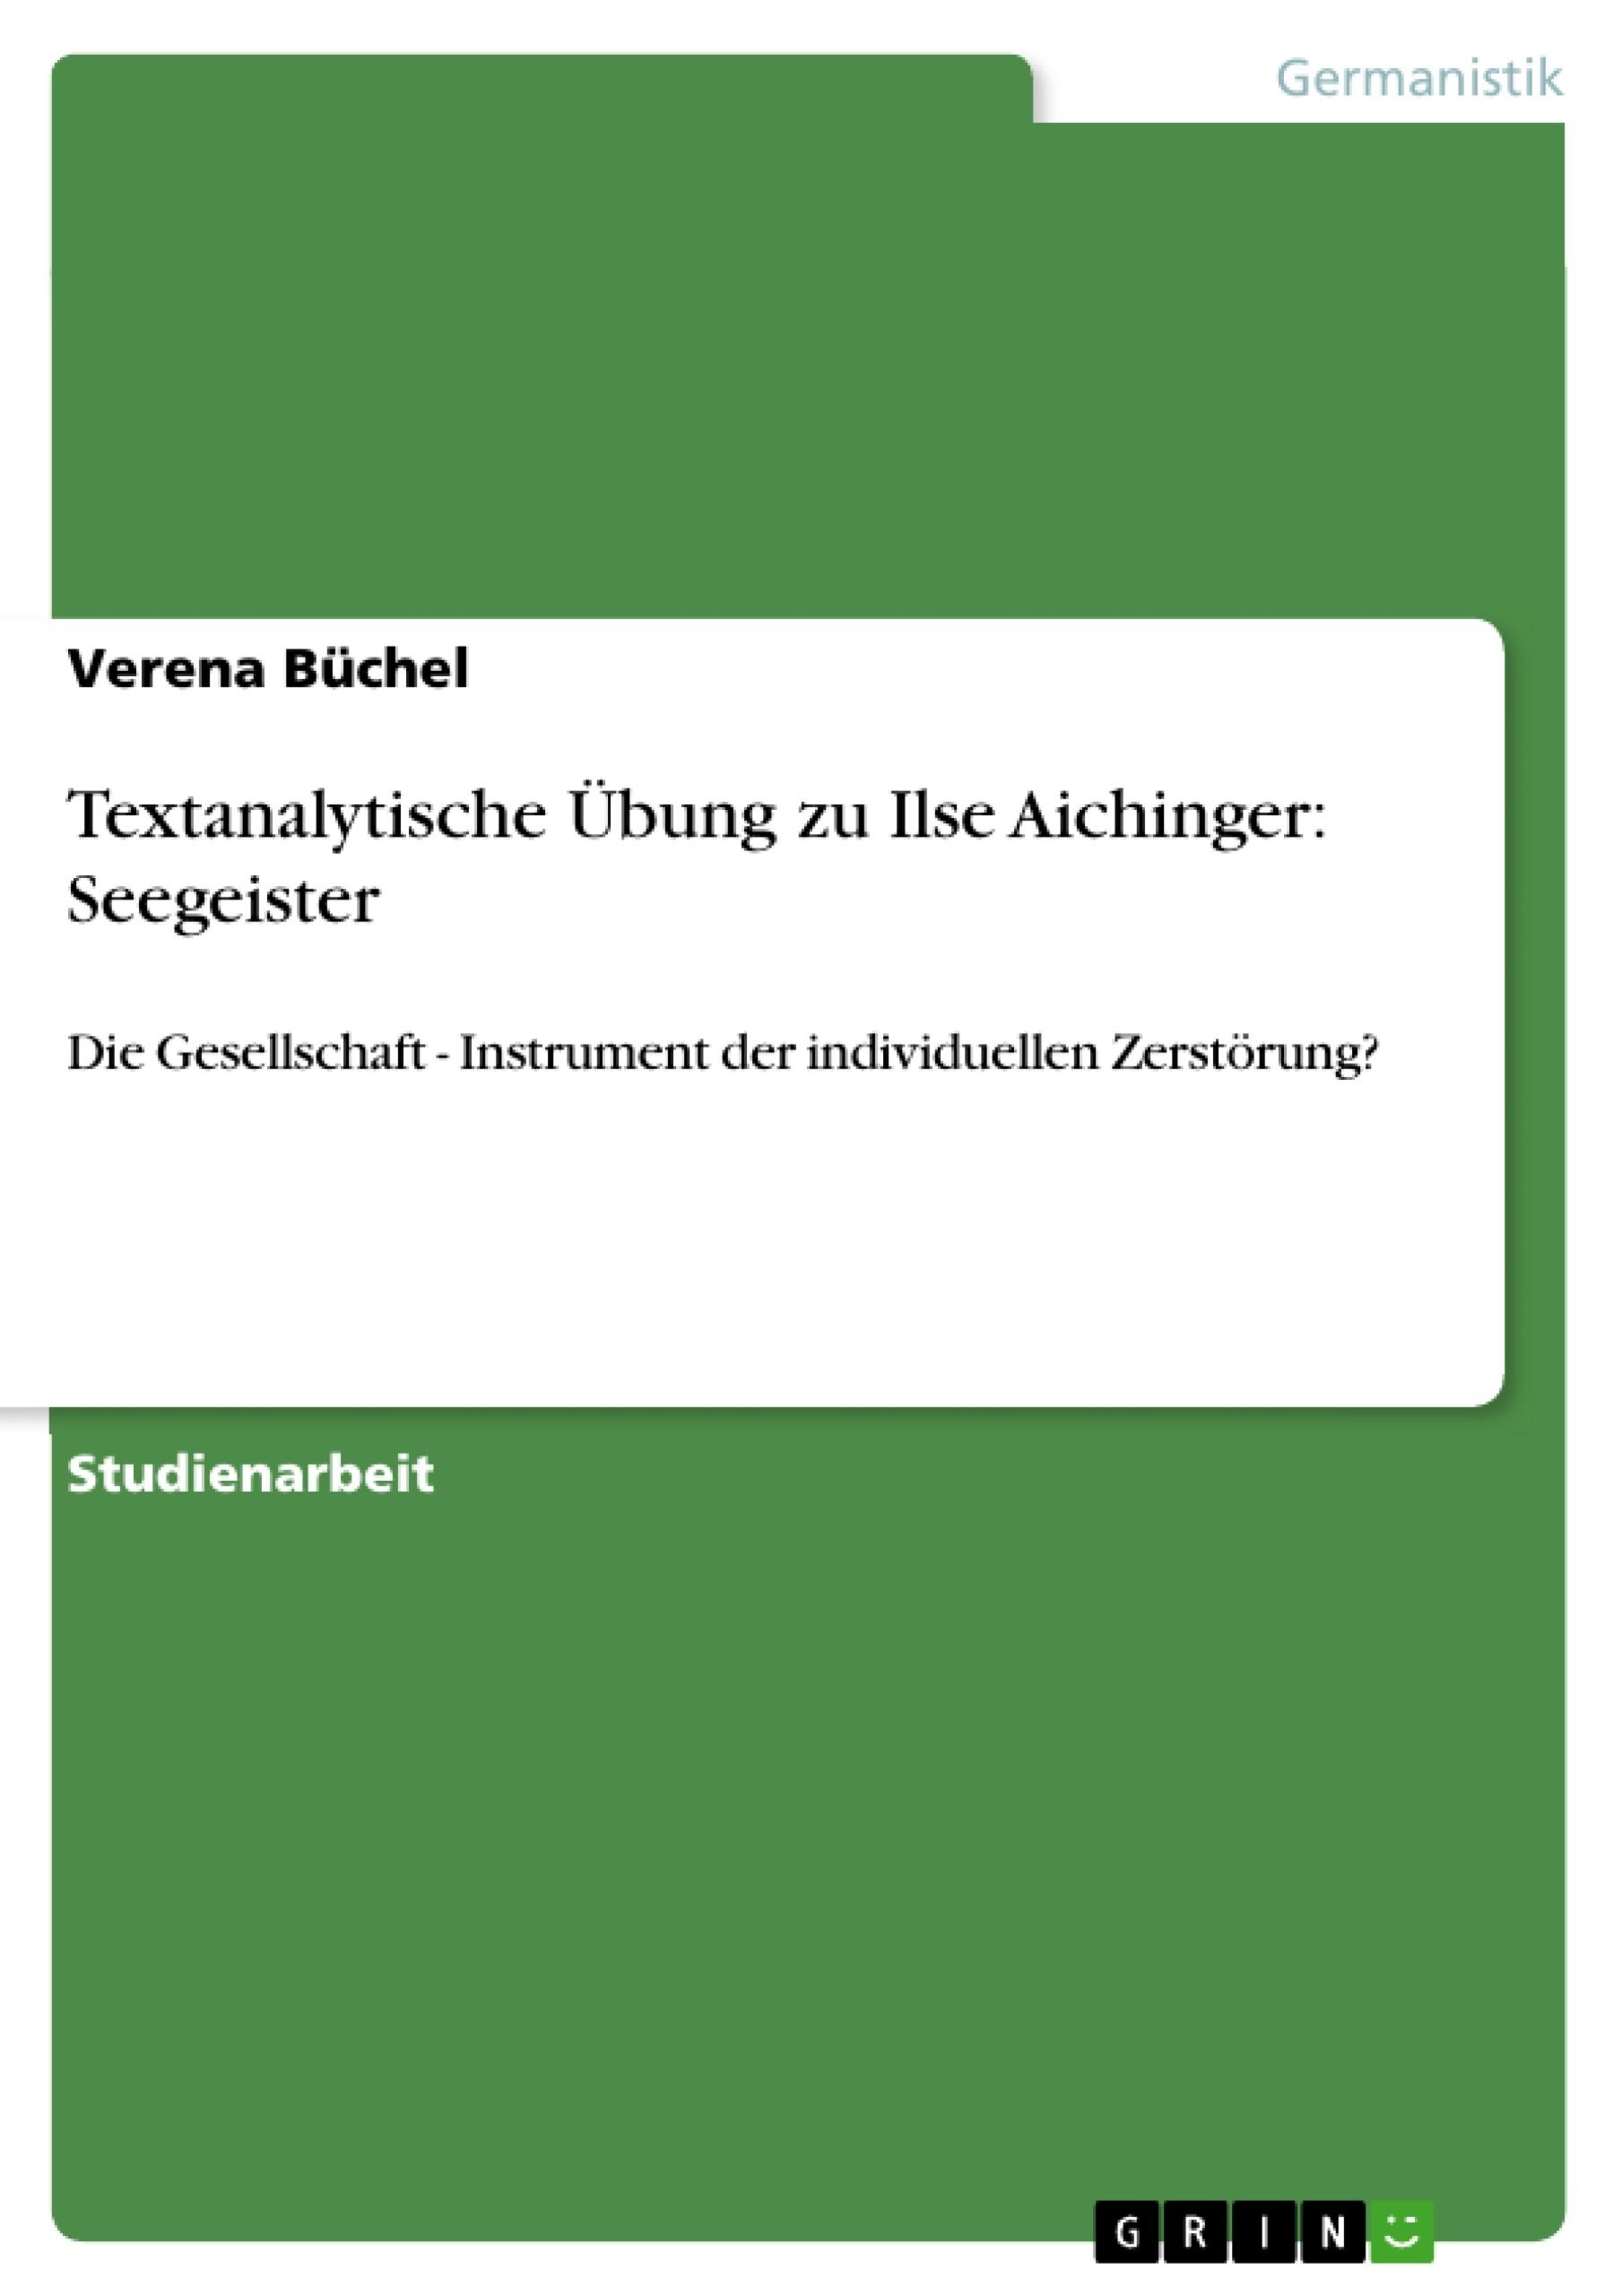 Titel: Textanalytische Übung zu Ilse Aichinger: Seegeister